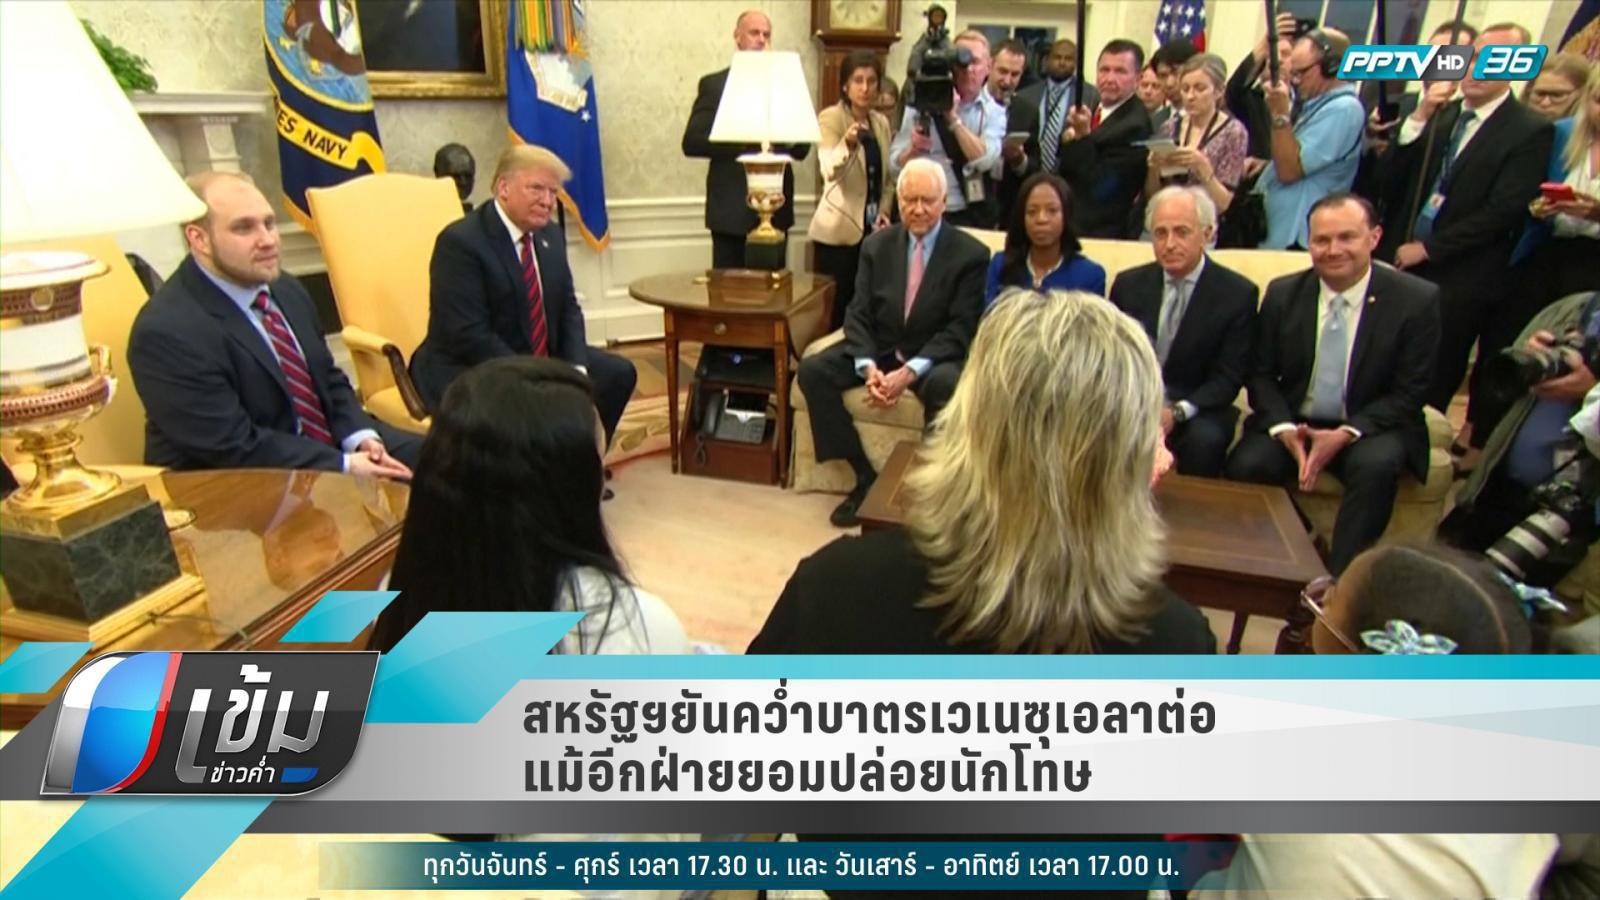 สหรัฐฯยันคว่ำบาตรเวเนซุเอลาต่อ แม้อีกฝ่ายยอมปล่อยนักโทษ